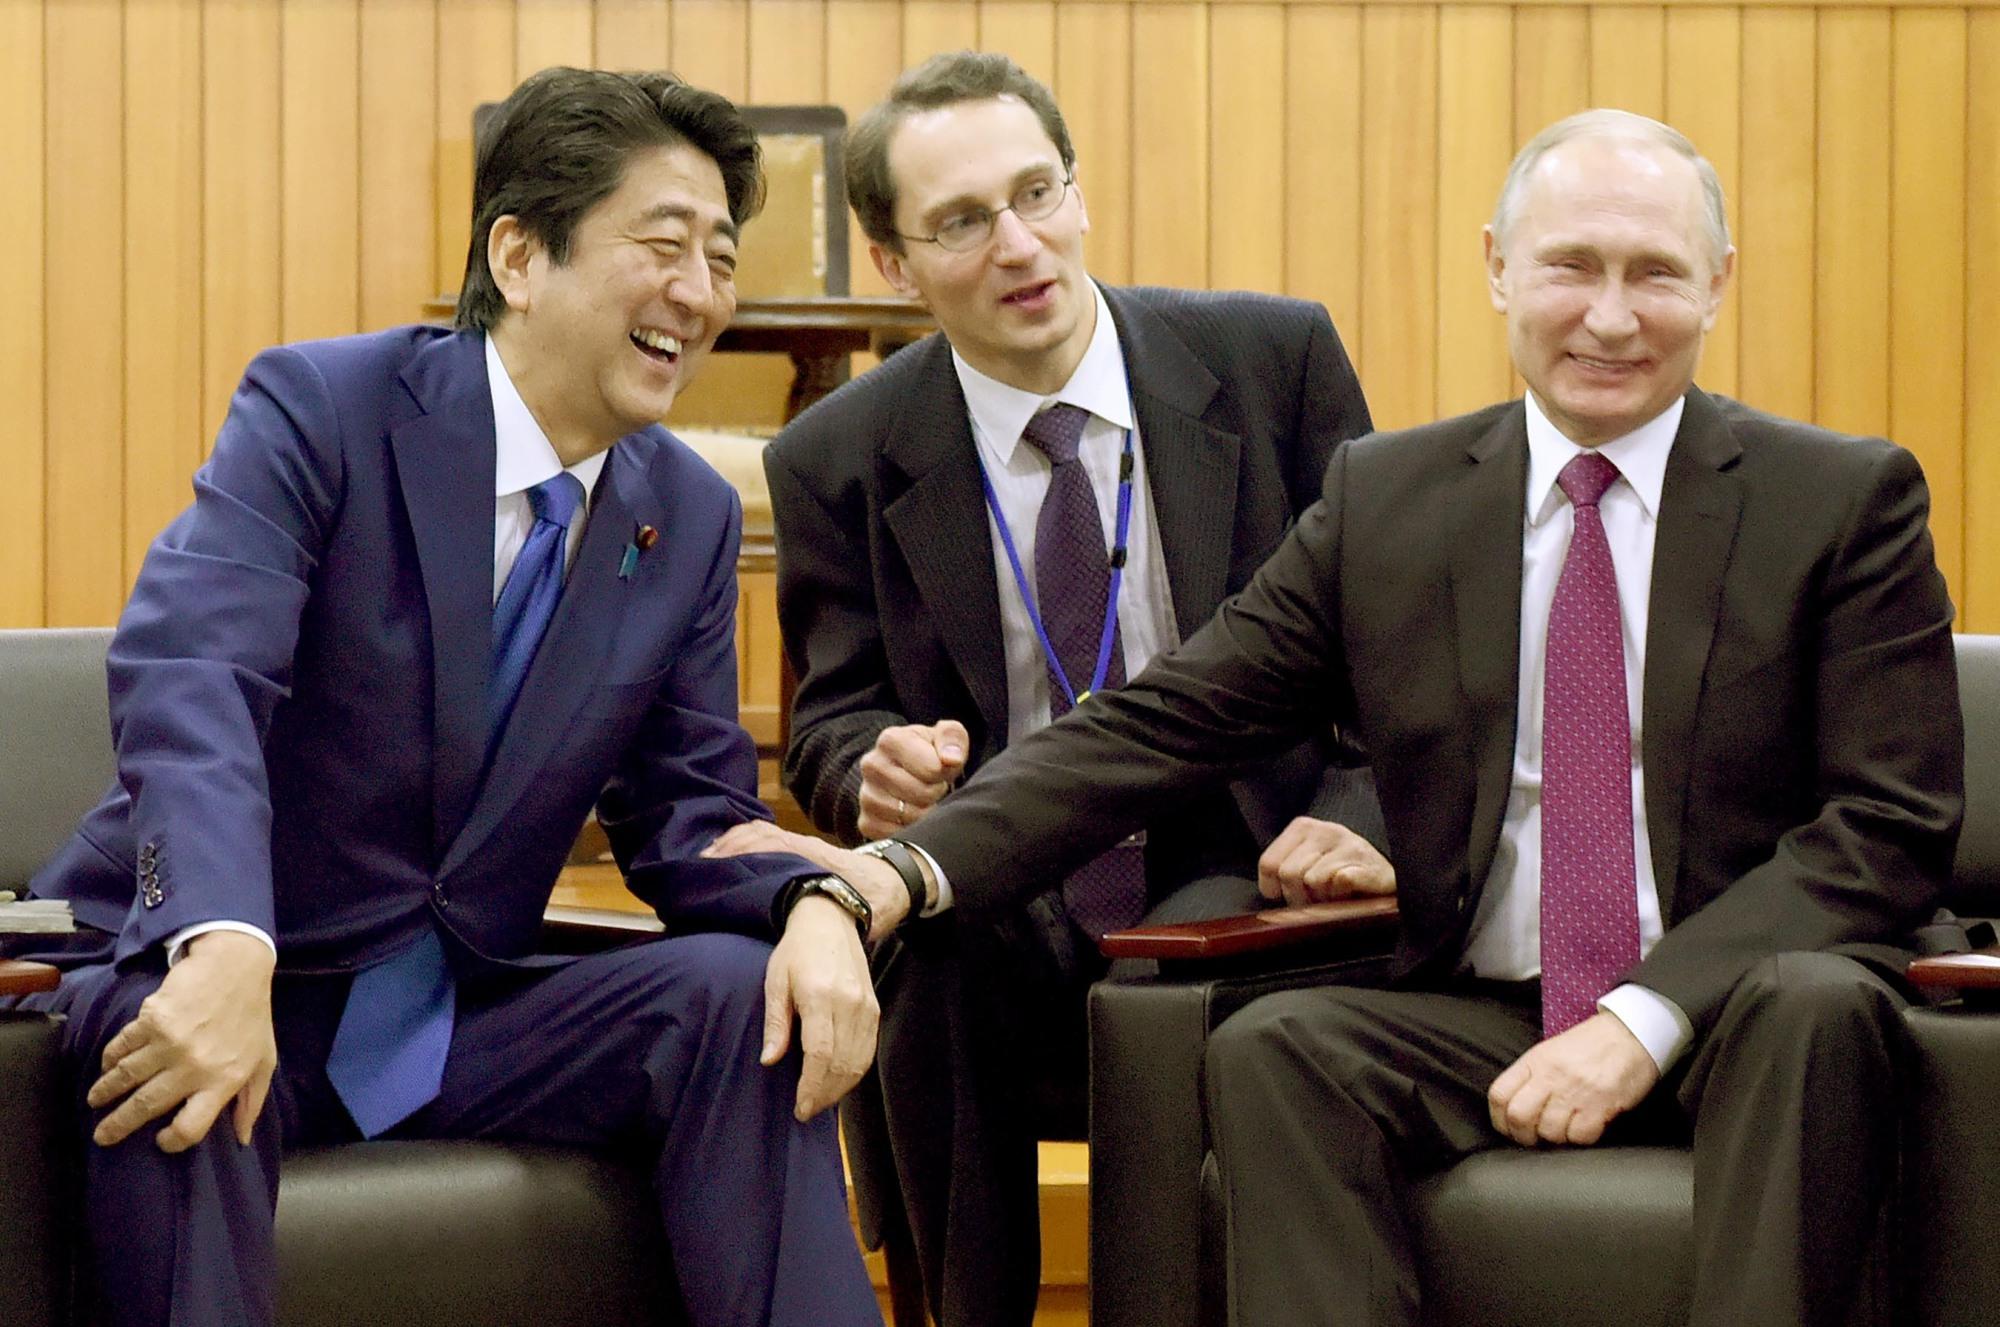 Photo: Toru Yamanaka/Bloomberg